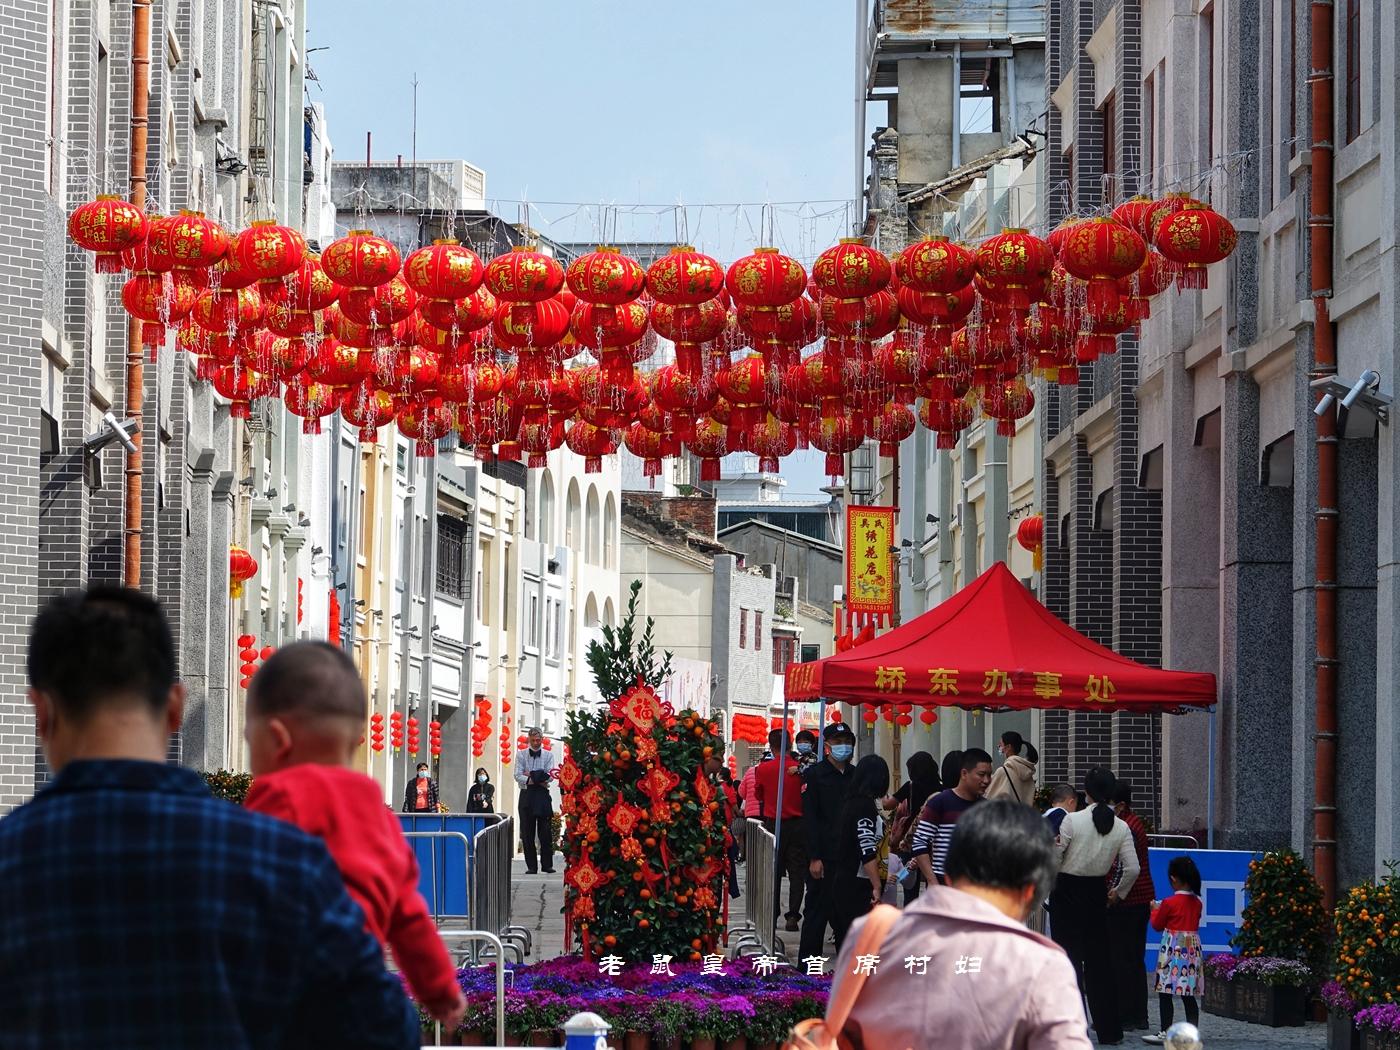 惠州西湖天下秀,水东老街春节人山人海,这广式年味太浓了